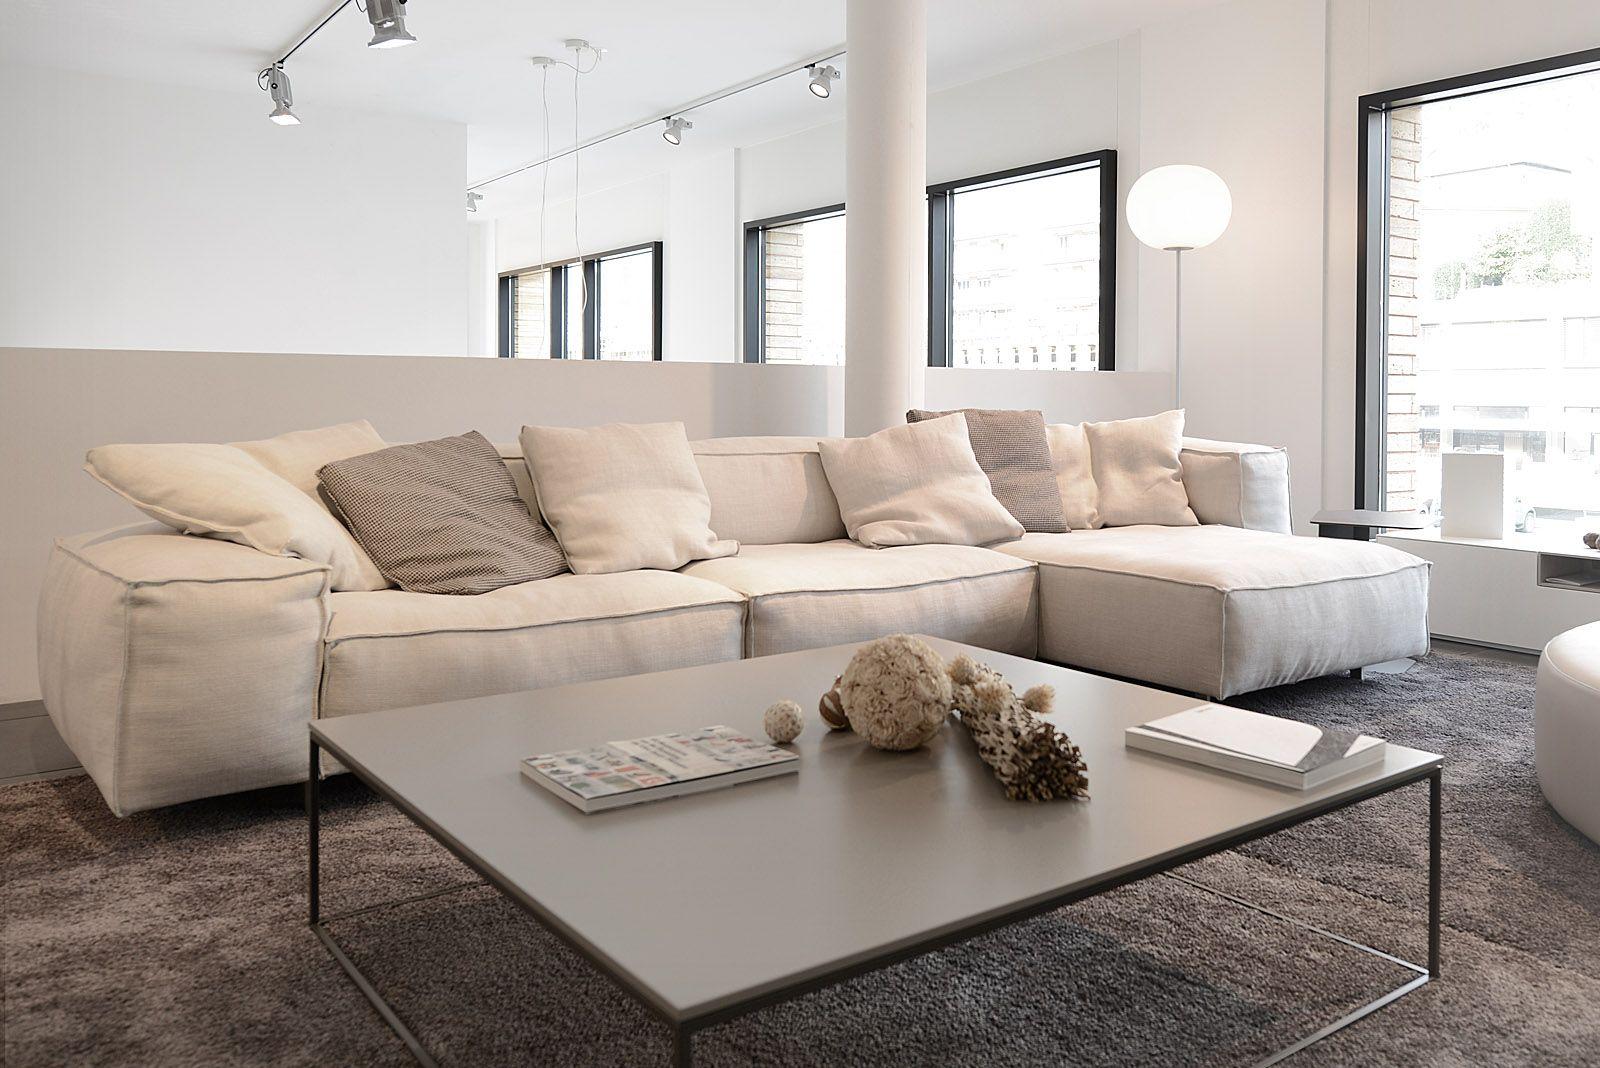 Divano Neo Wall Living divani. Arredamenti Mendrisio